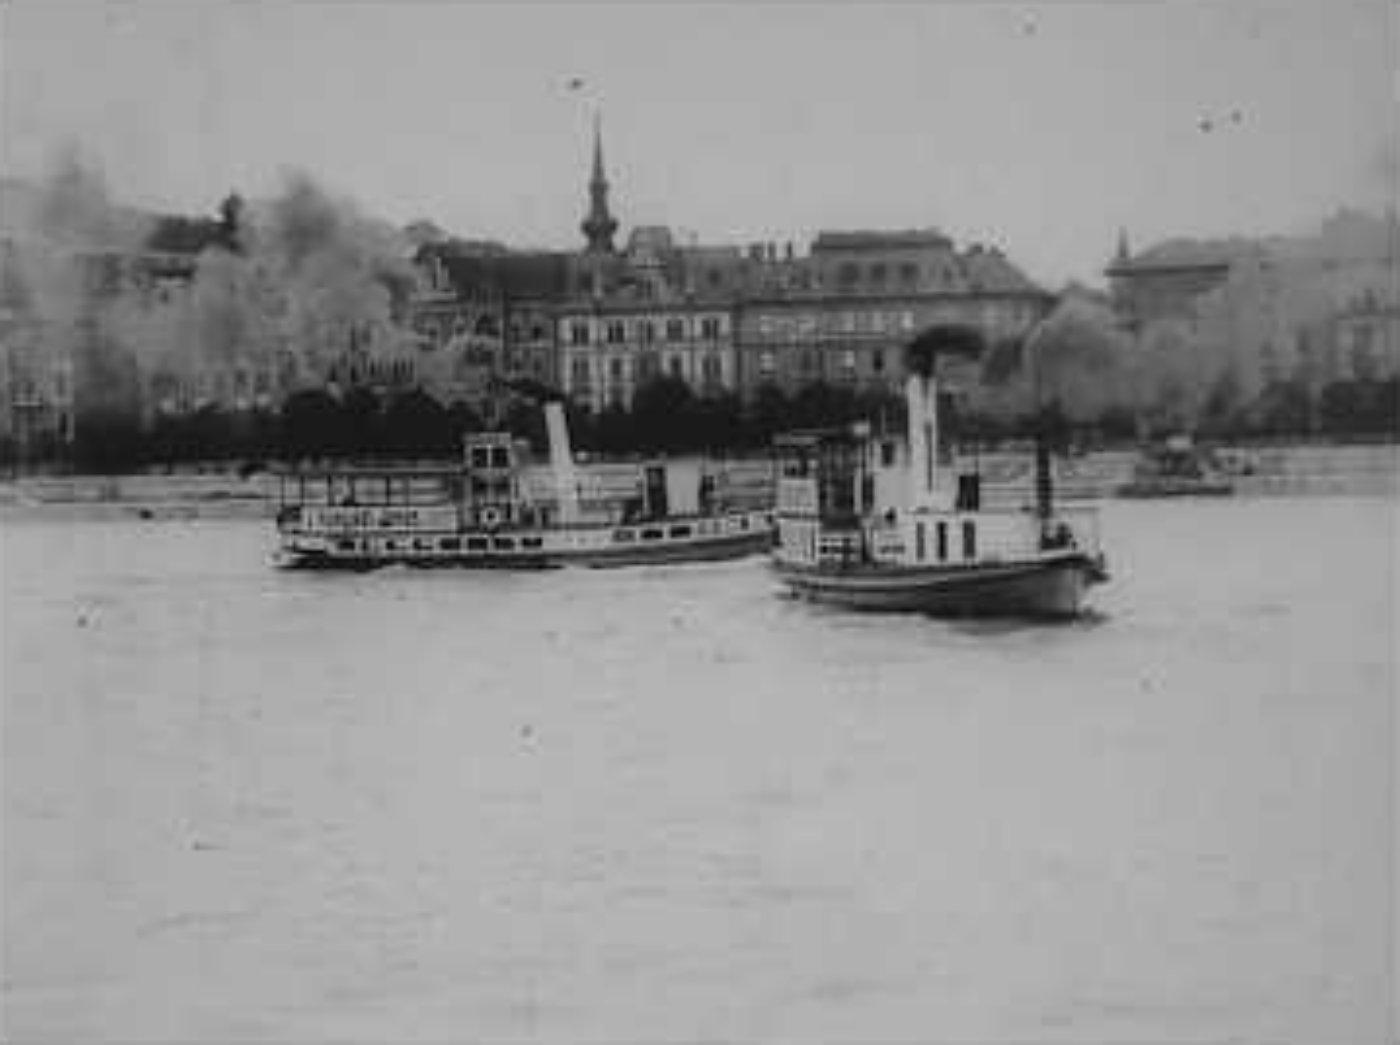 auf-der-donau-zwischen-wien-und-budapest-1912-aavv-recensione